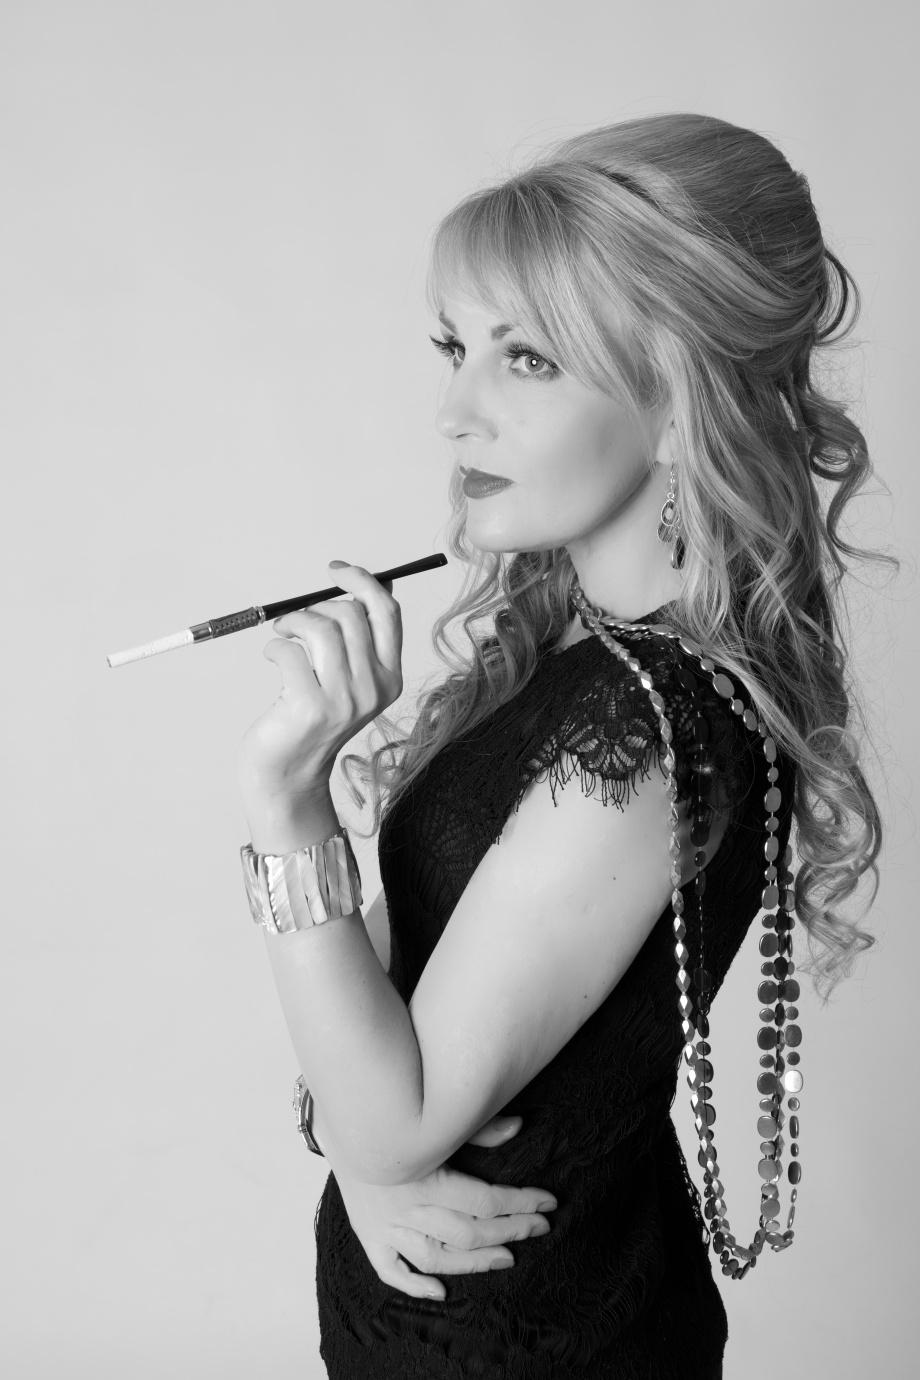 glamour, portrait, studio, cigarette